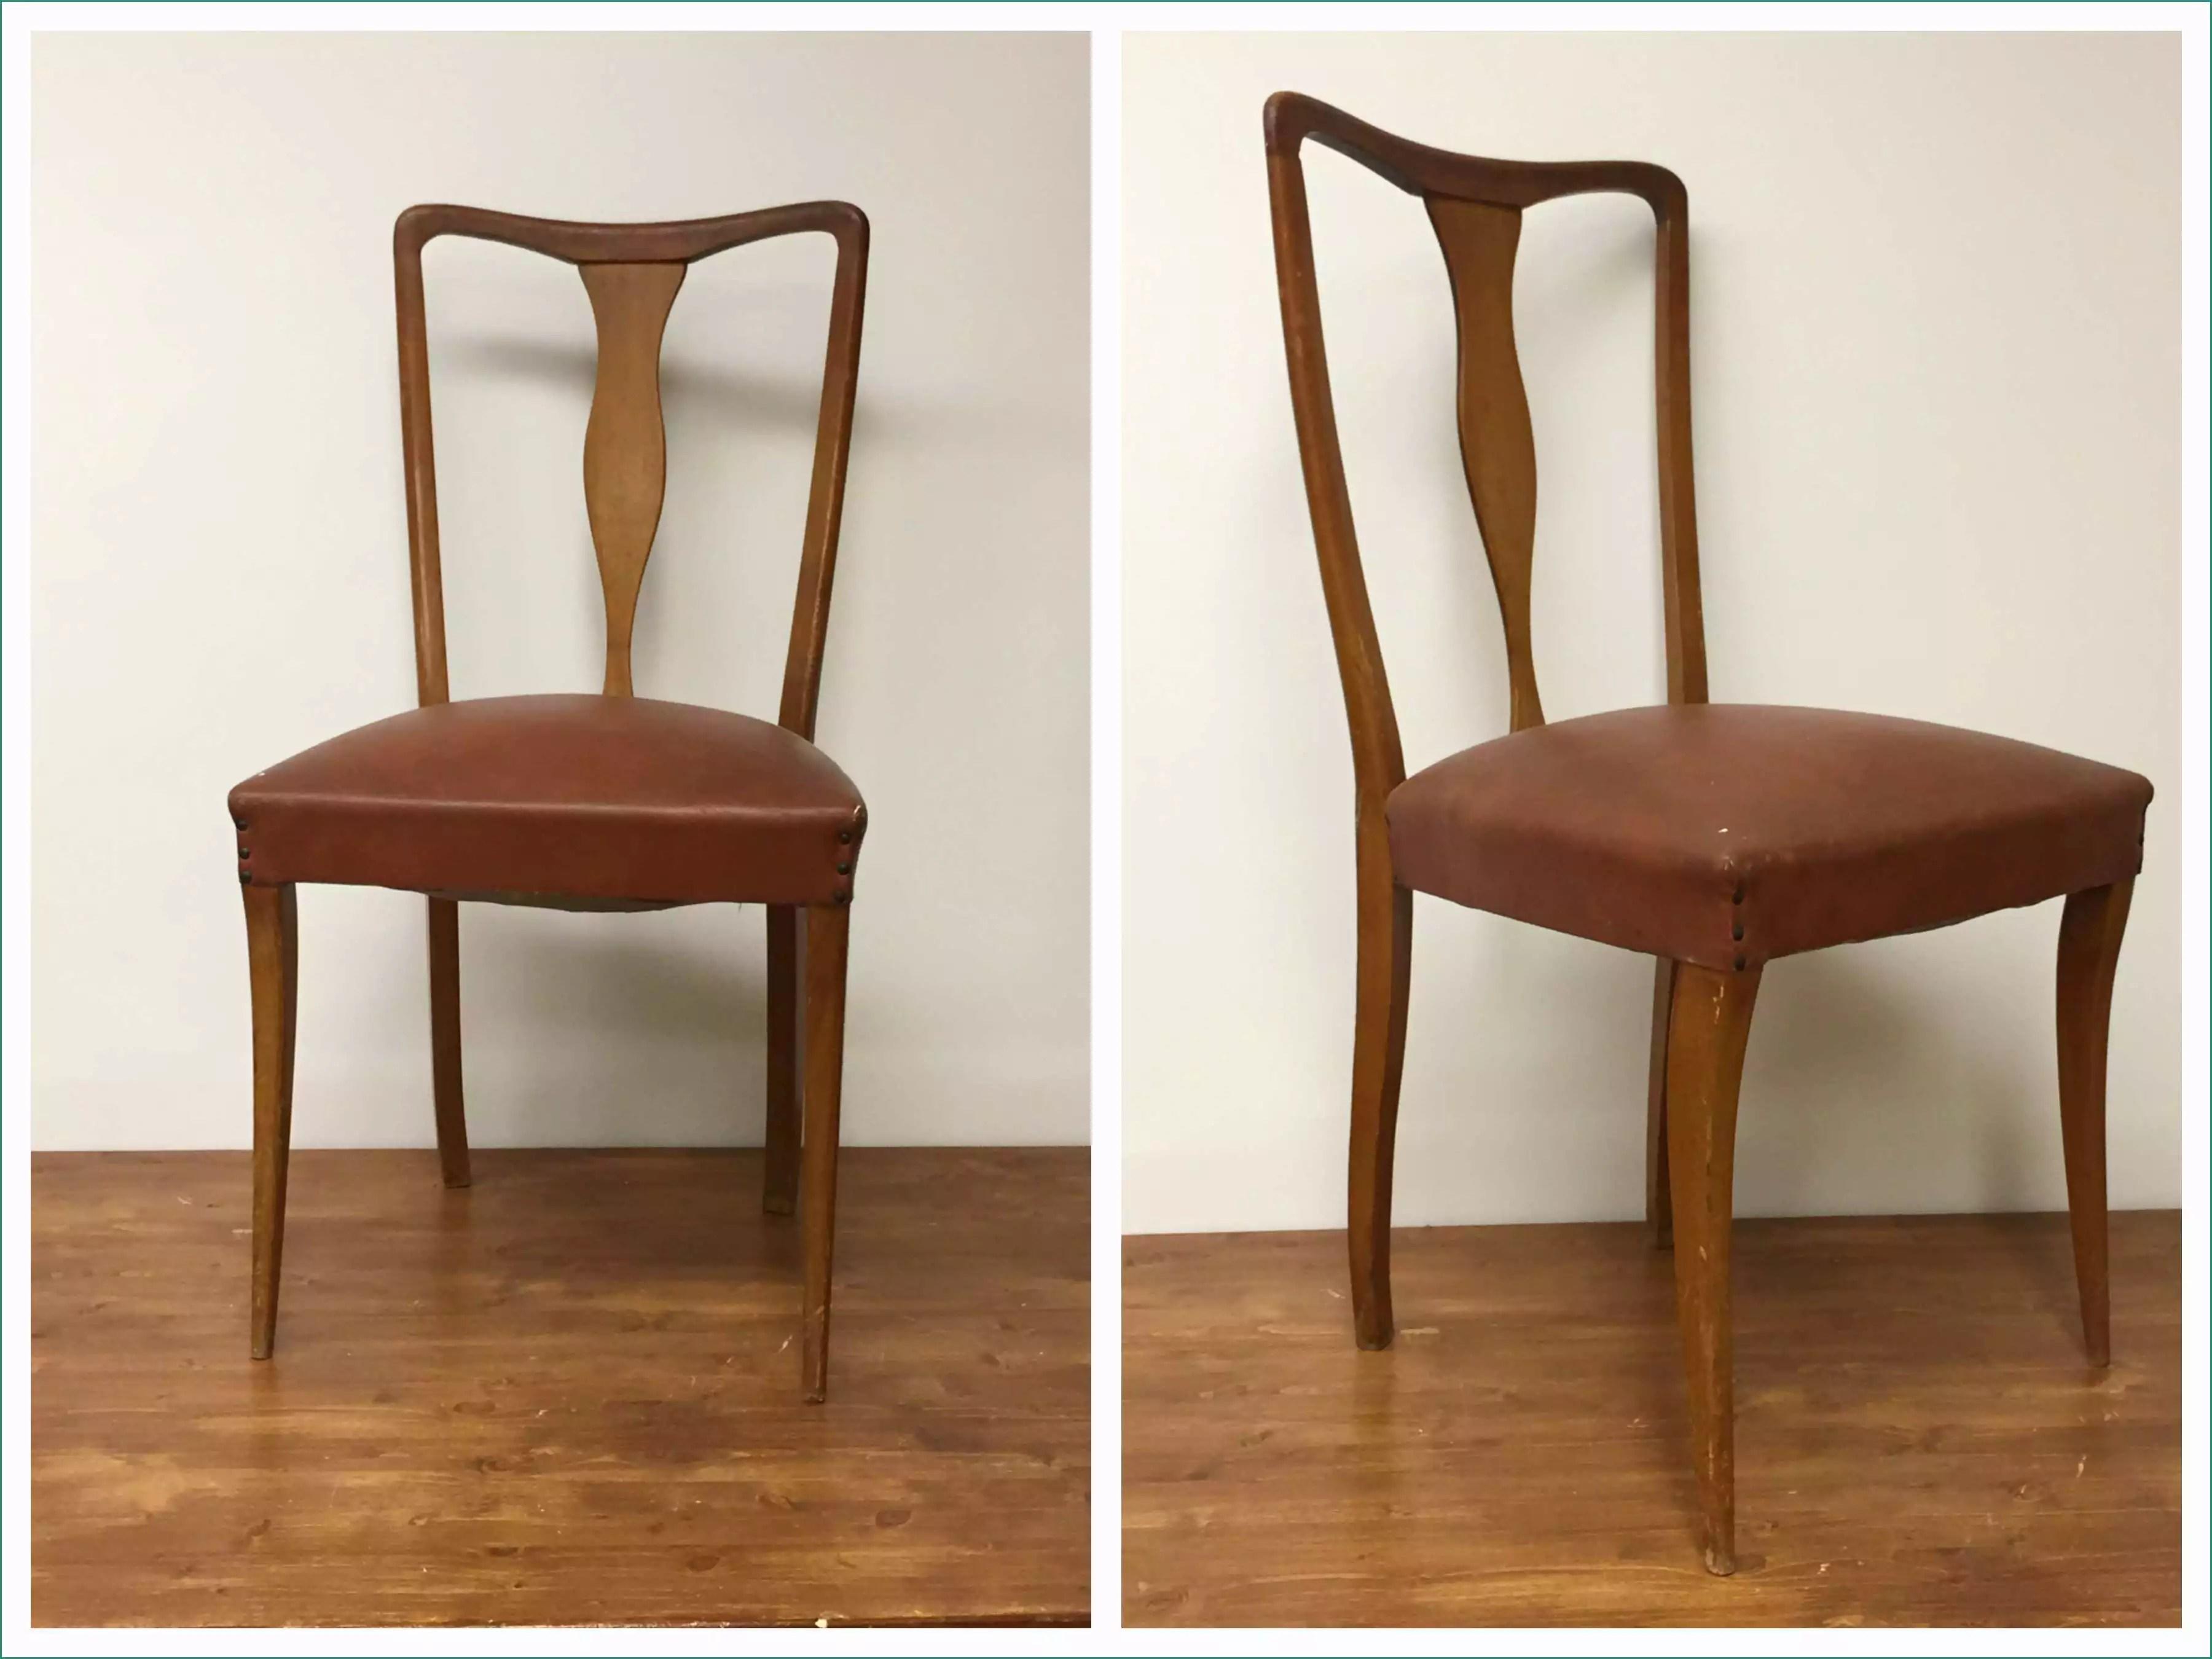 Sedie Vintage Colorate : Sedie formica colorate sedie rosse trasparenti prezzo sedie rosse